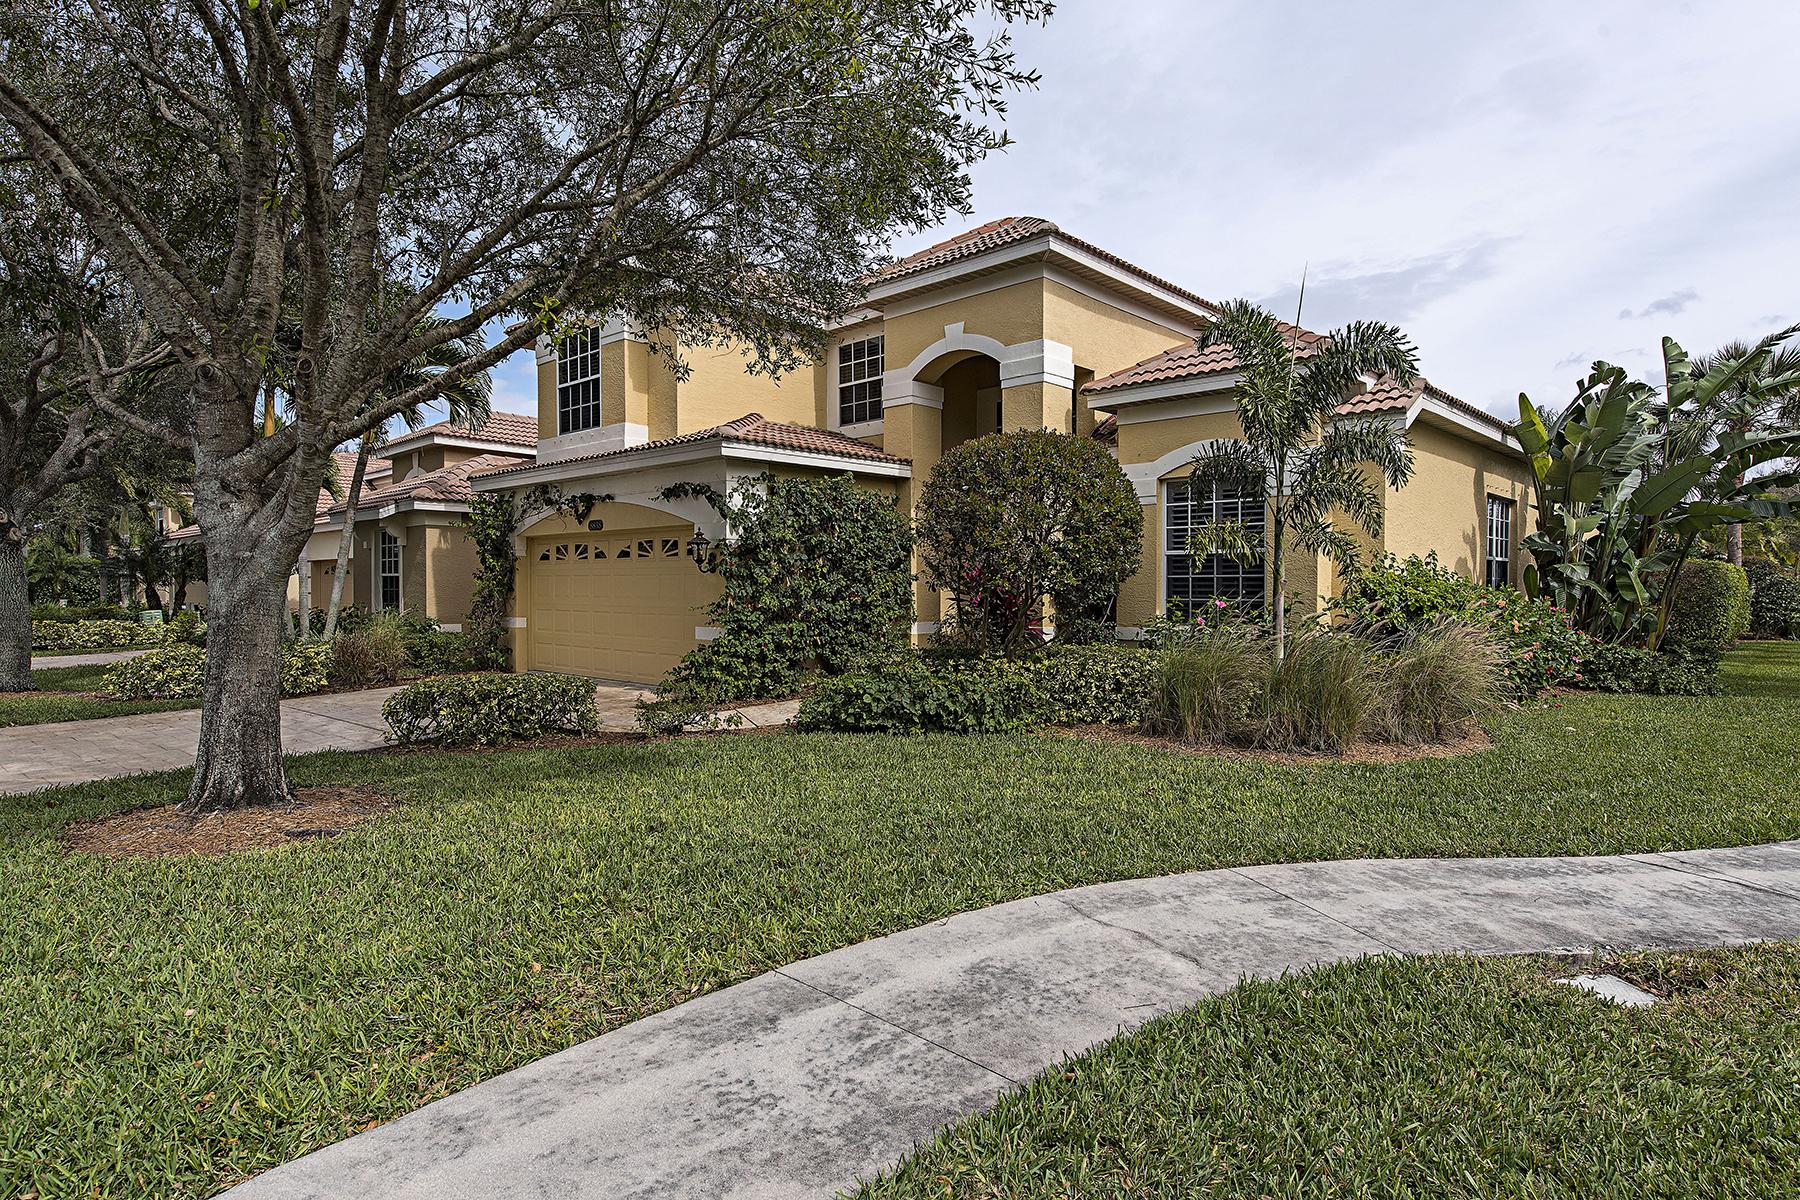 Maison unifamiliale pour l Vente à PELICAN MARSH - VENTURA 8838 Ventura Dr Naples, Florida, 34109 États-Unis